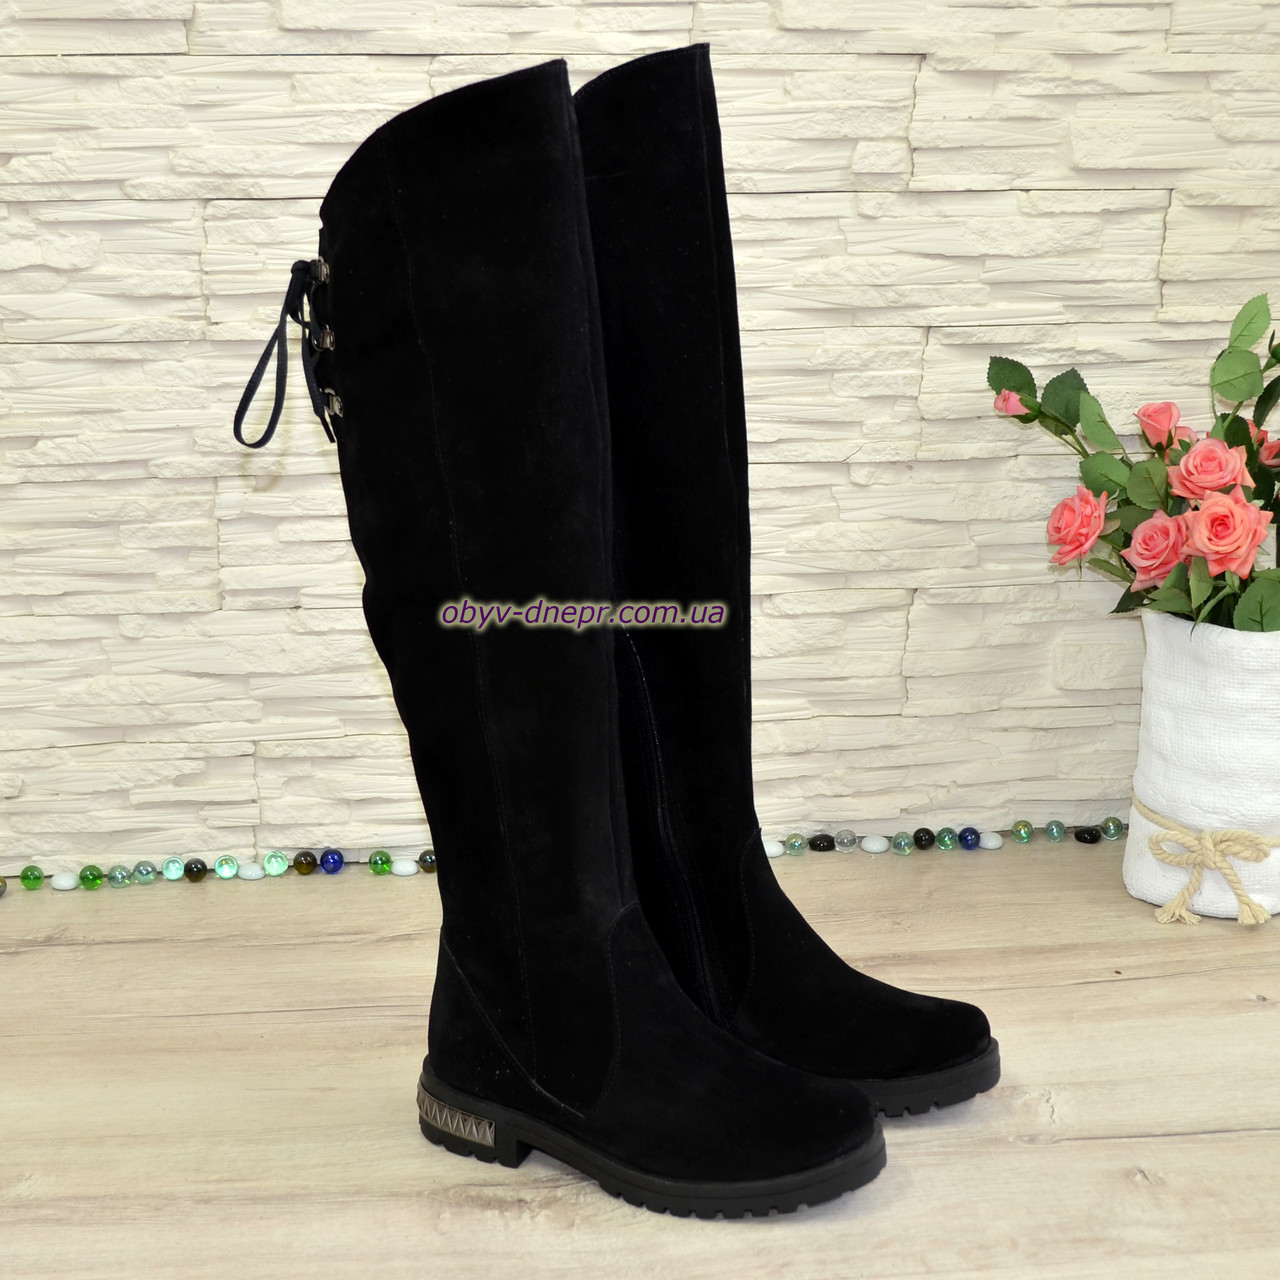 Ботфорты женские на маленьком каблуке, натуральная замша